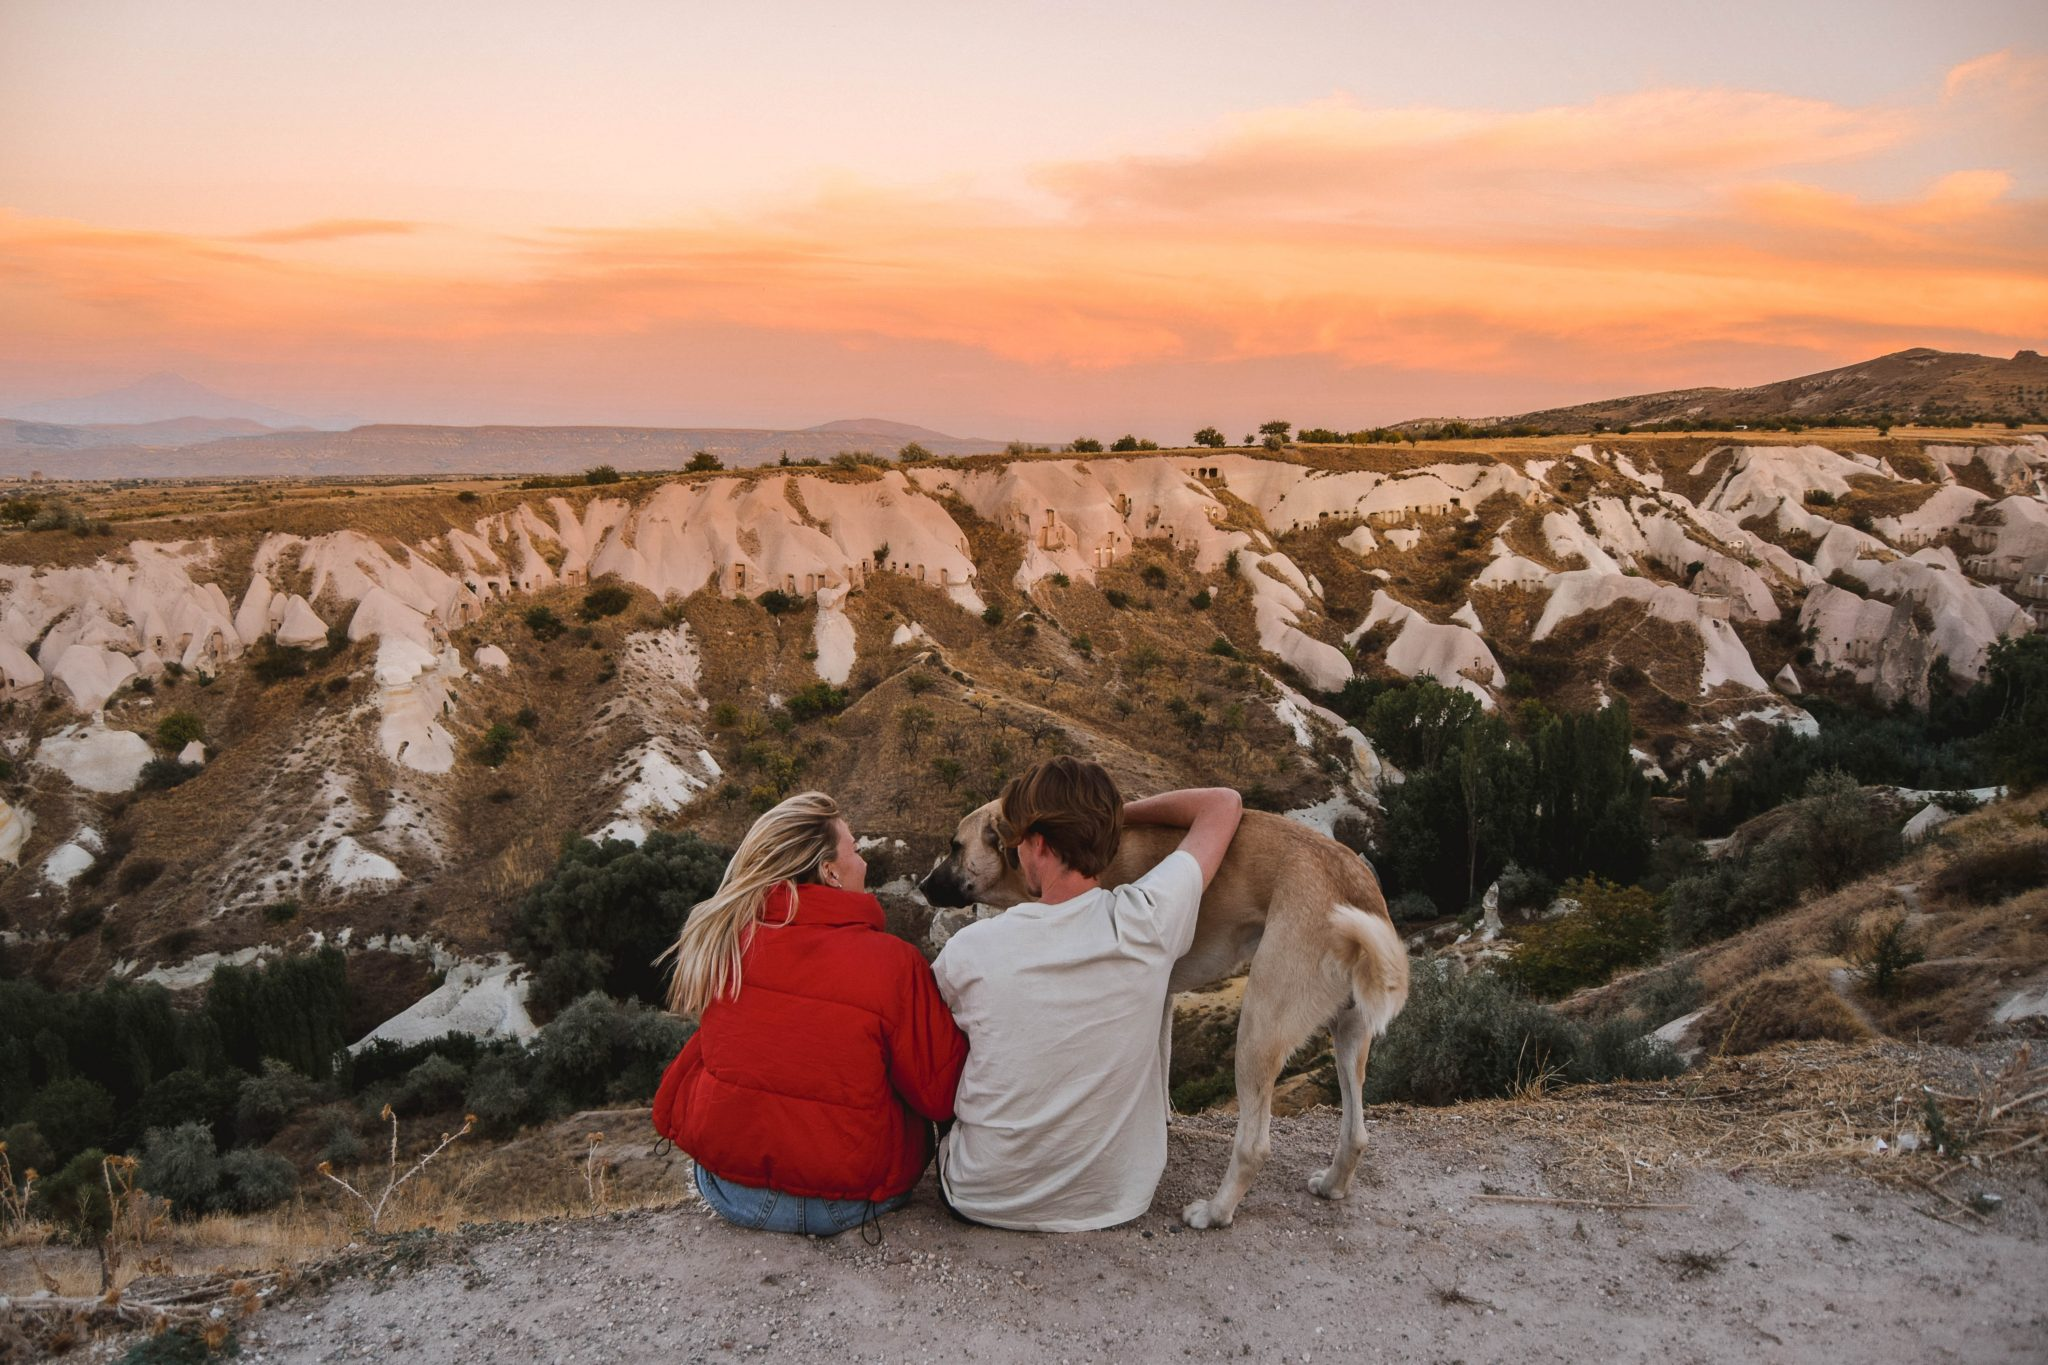 Wanderers & Warriors - Charlie & Lauren UK Travel Couple - Things To Do In Cappadocia Sunset Pigeon Valley Cappadocia